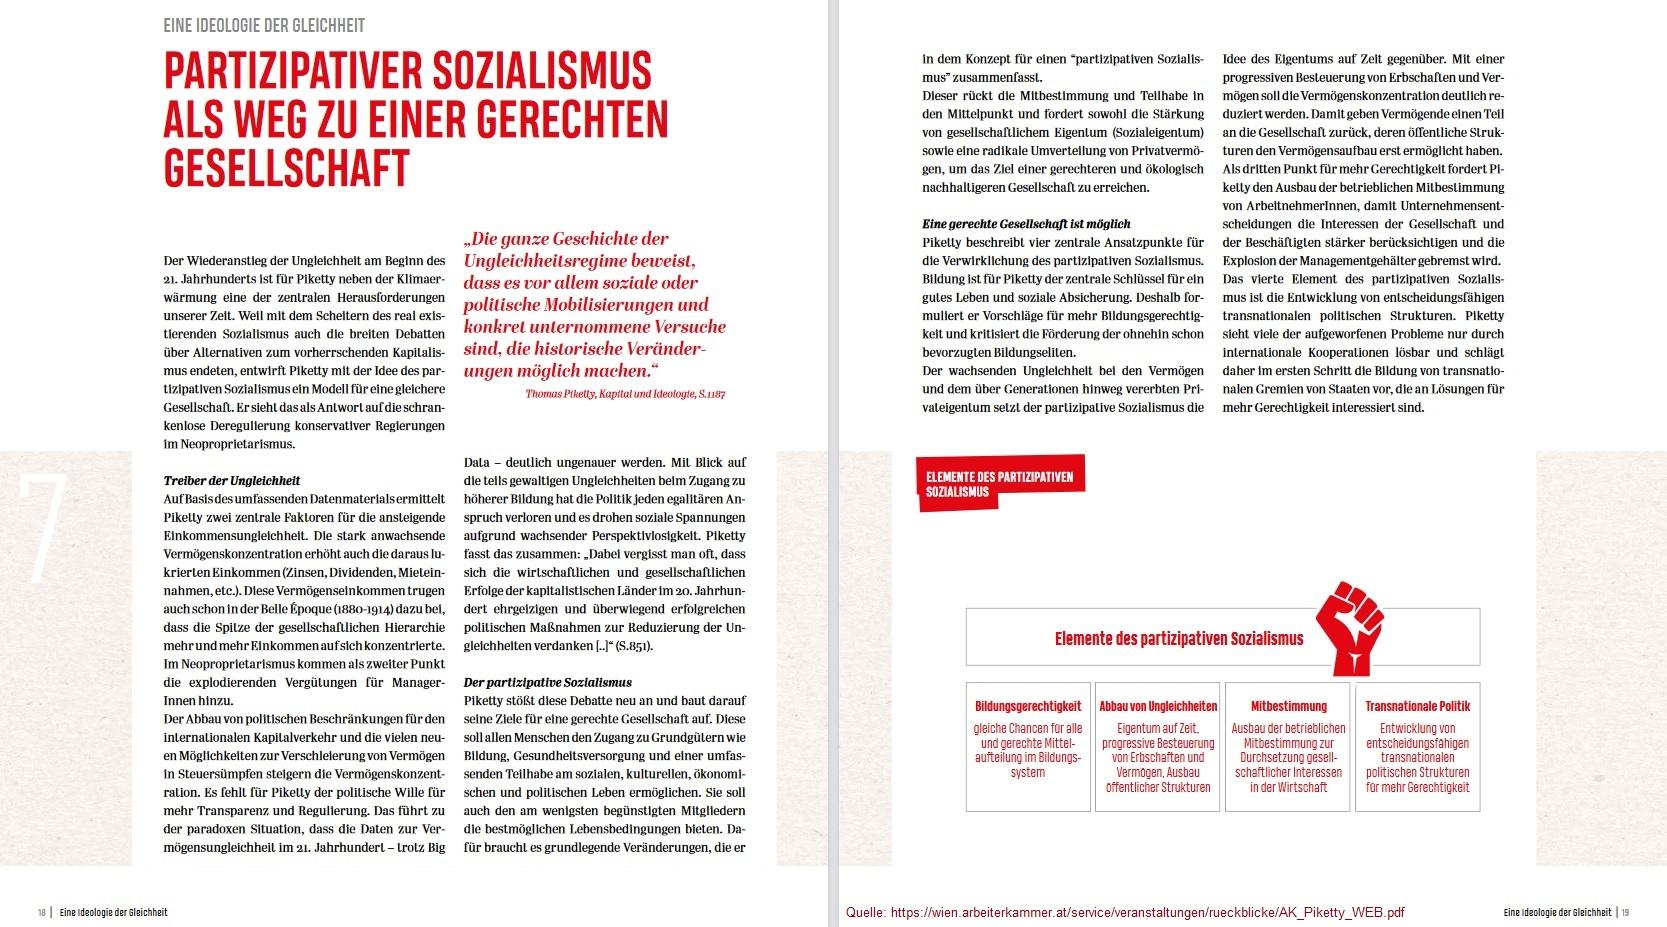 2021-02-05_ak-wien_piketty_kapital-und-ideologie_Wege-zu-einer-gerechten-Gesellschaft